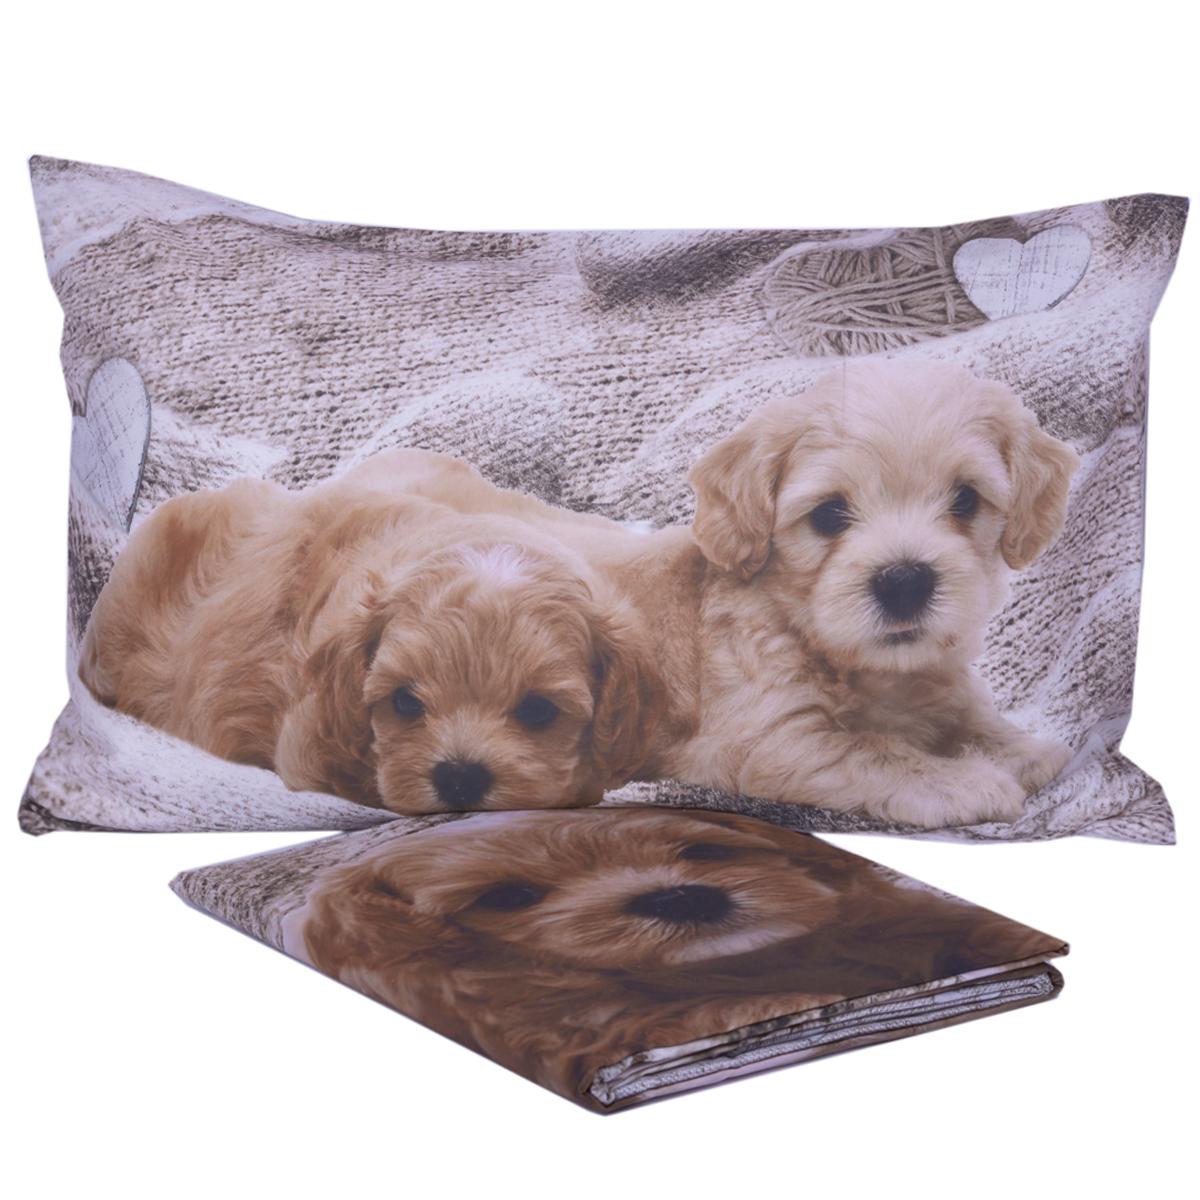 Copripiumino Con Cani.Parure Copripiumino Cuccioli Stampa Digitale In Puro Cotone Cose